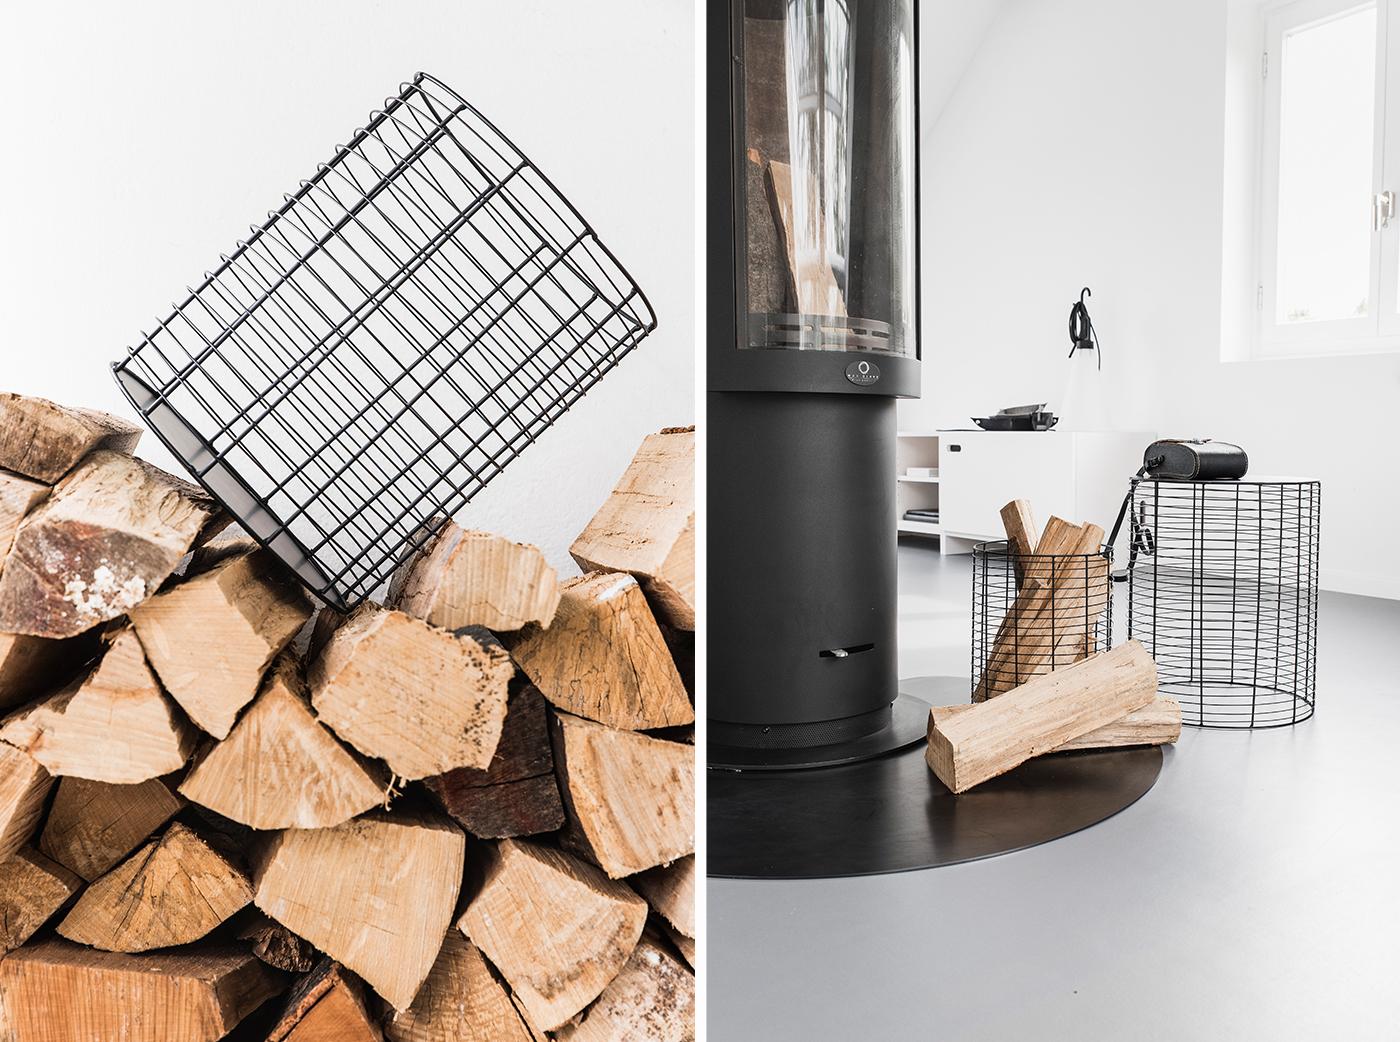 Beistelltisch oder Korb für Feuerholz